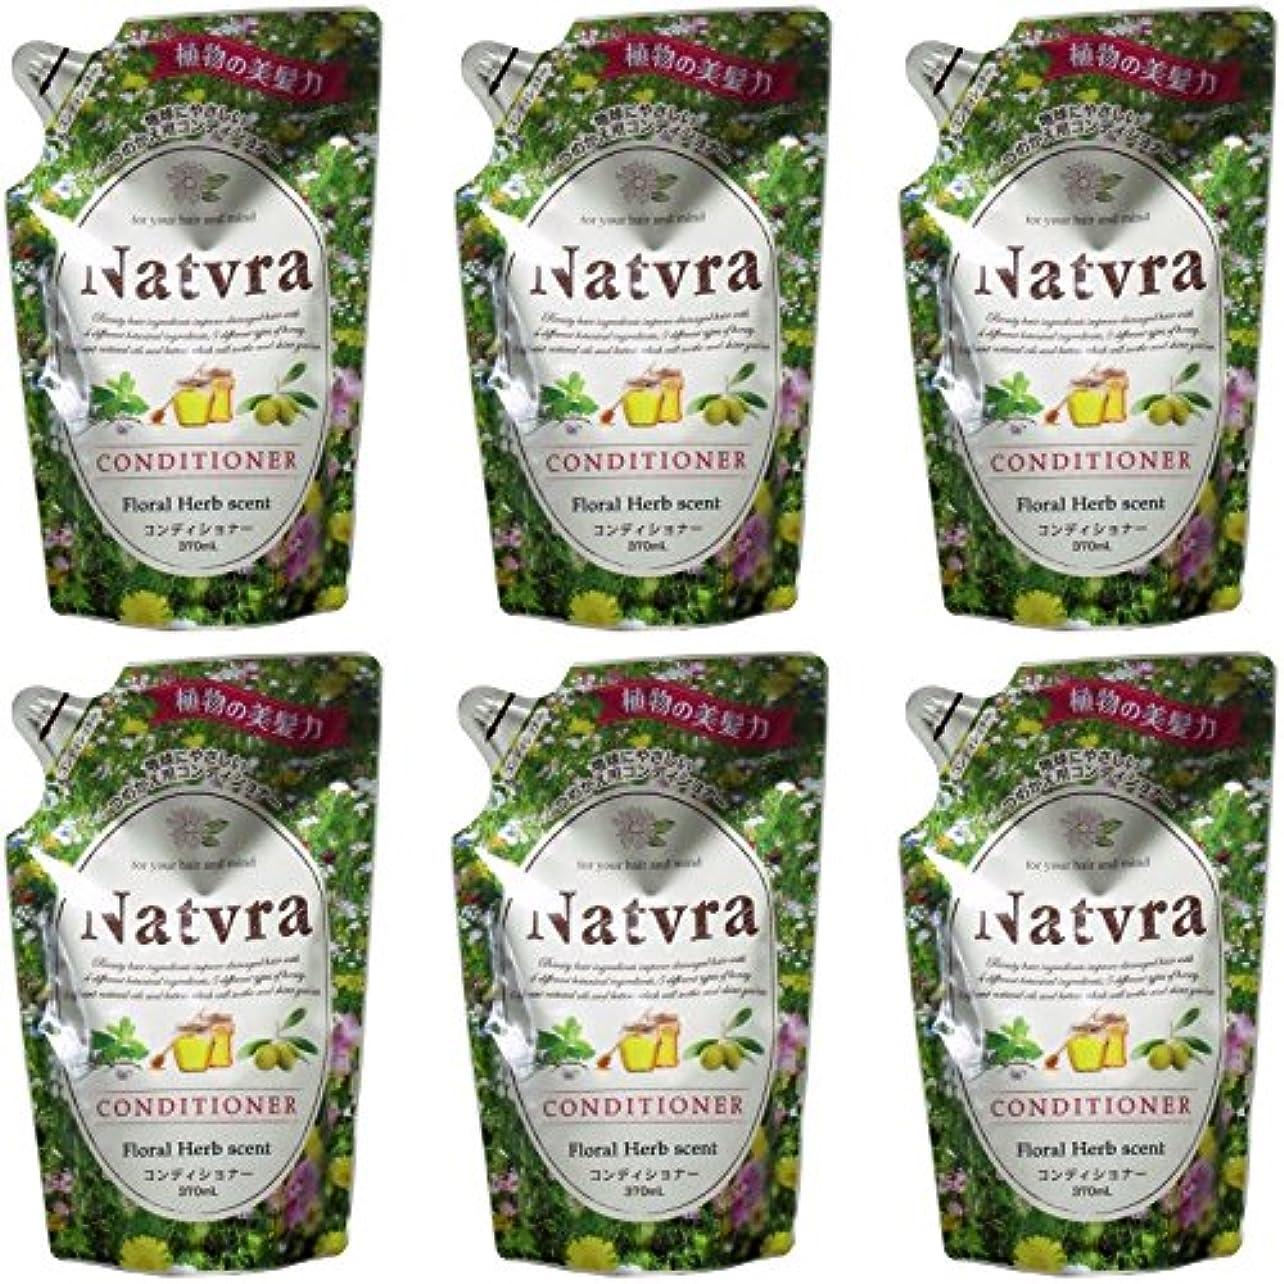 第二メイト反発【まとめ買い】Natvra(ナチュラ) コンディショナー つめかえ用 370ml【×6個】